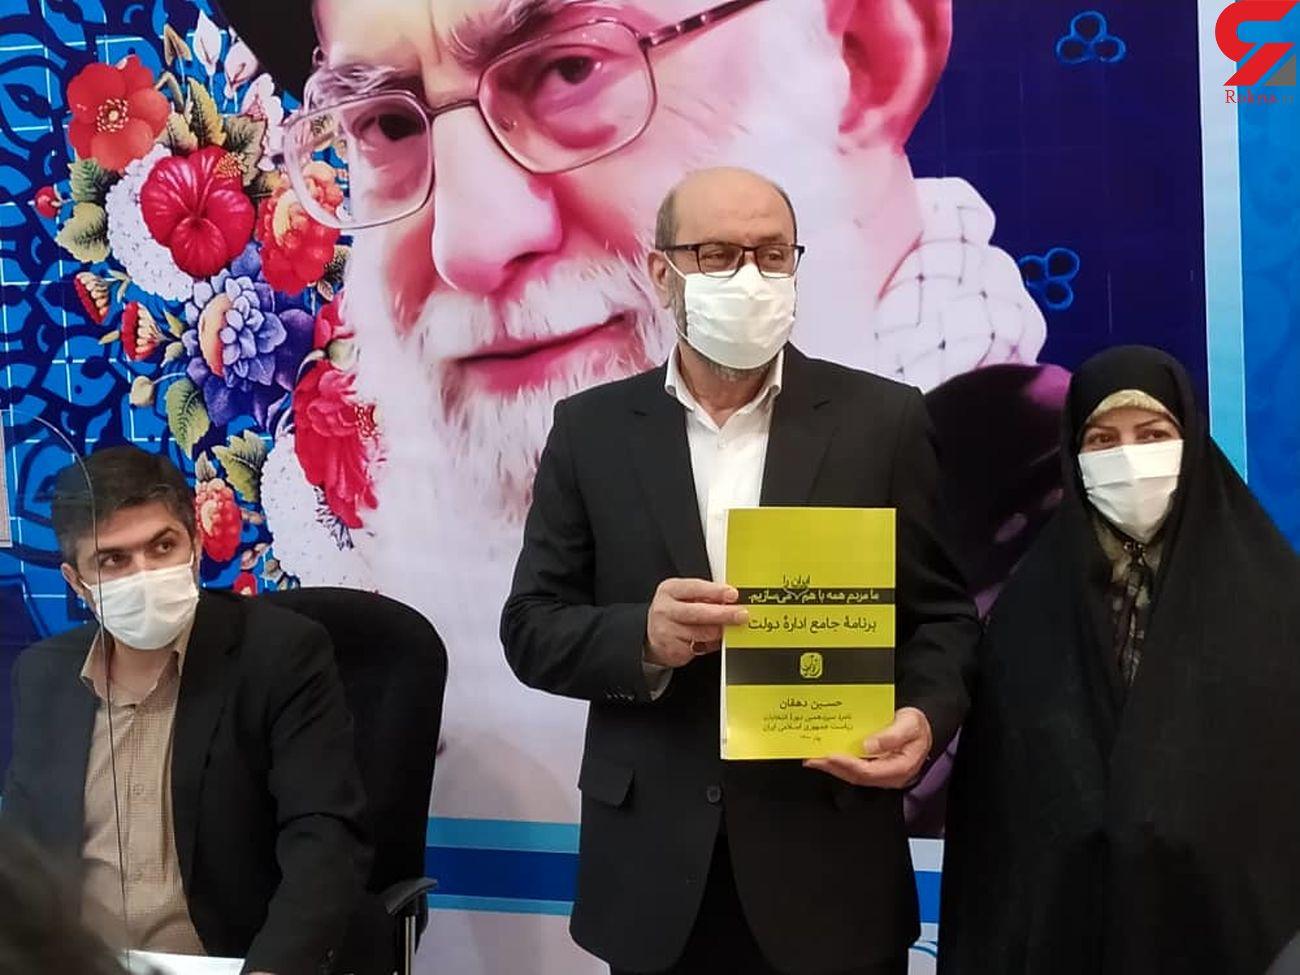 سردار دهقان با همسرش وارد وزارت کشور شد / برای ثبت نام در انتخابات 1400 + عکس و فیلم